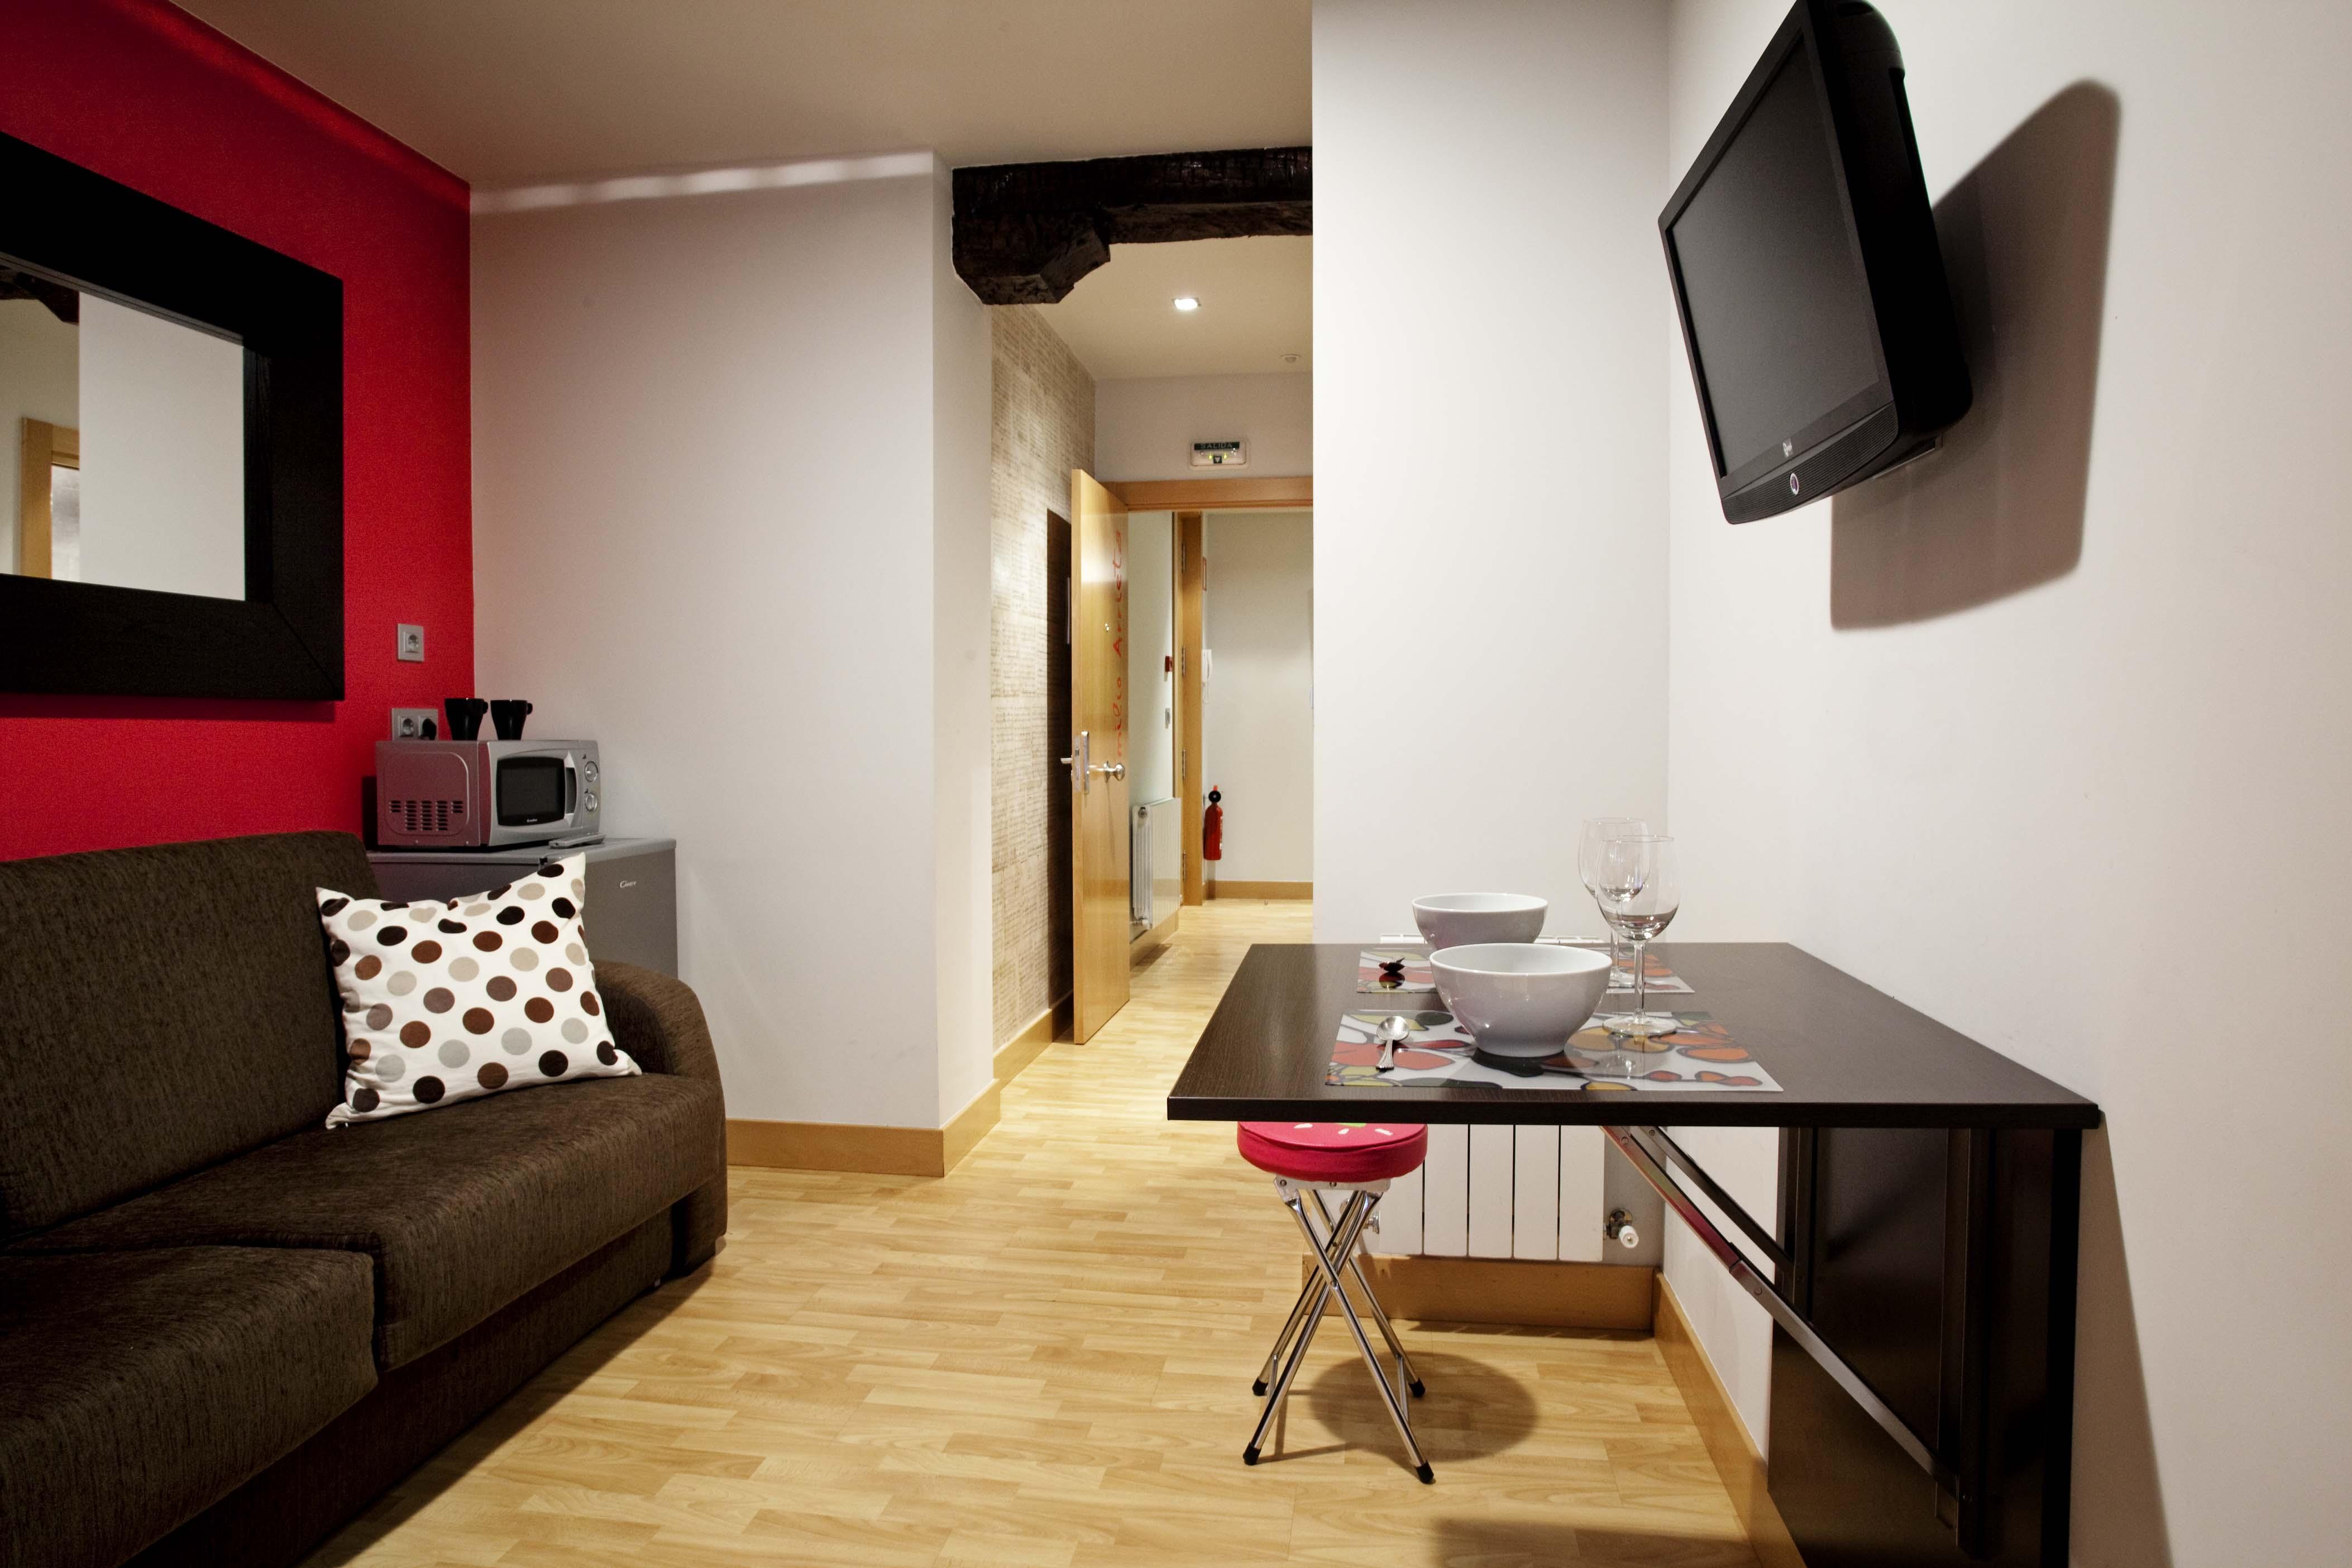 2010-11-03 Arriaga suites98